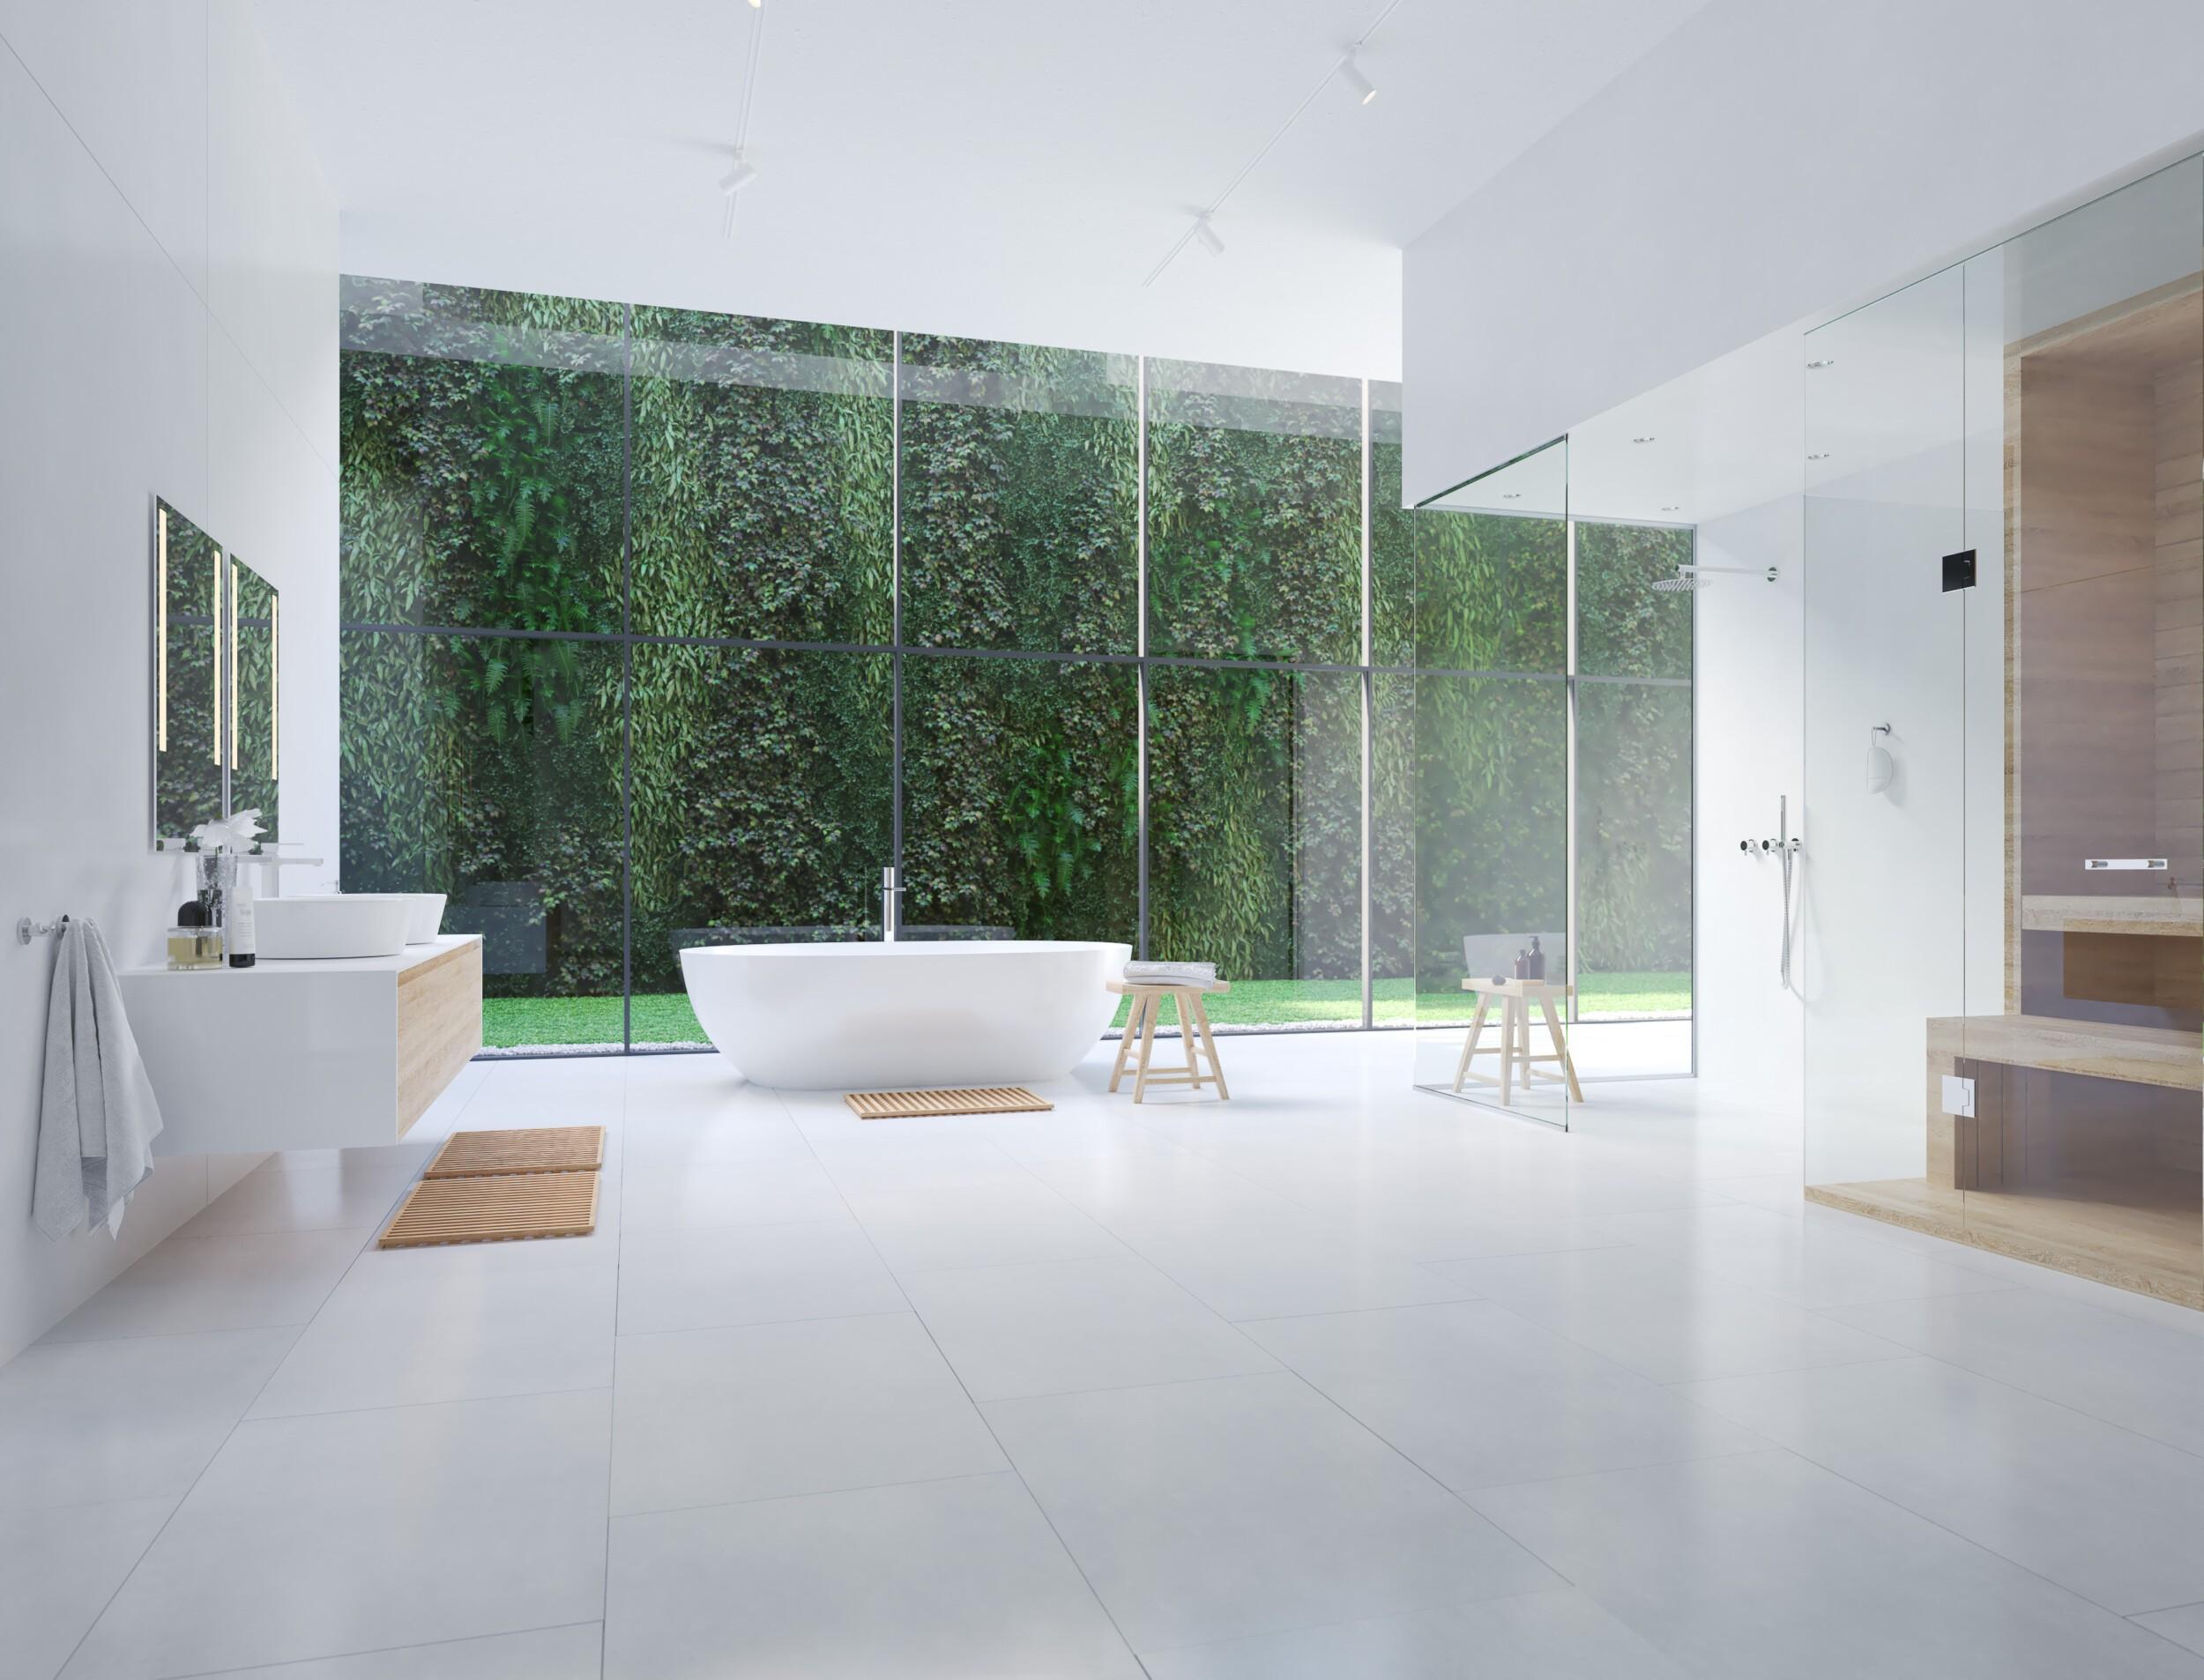 modern zen bathroom with tropic plants